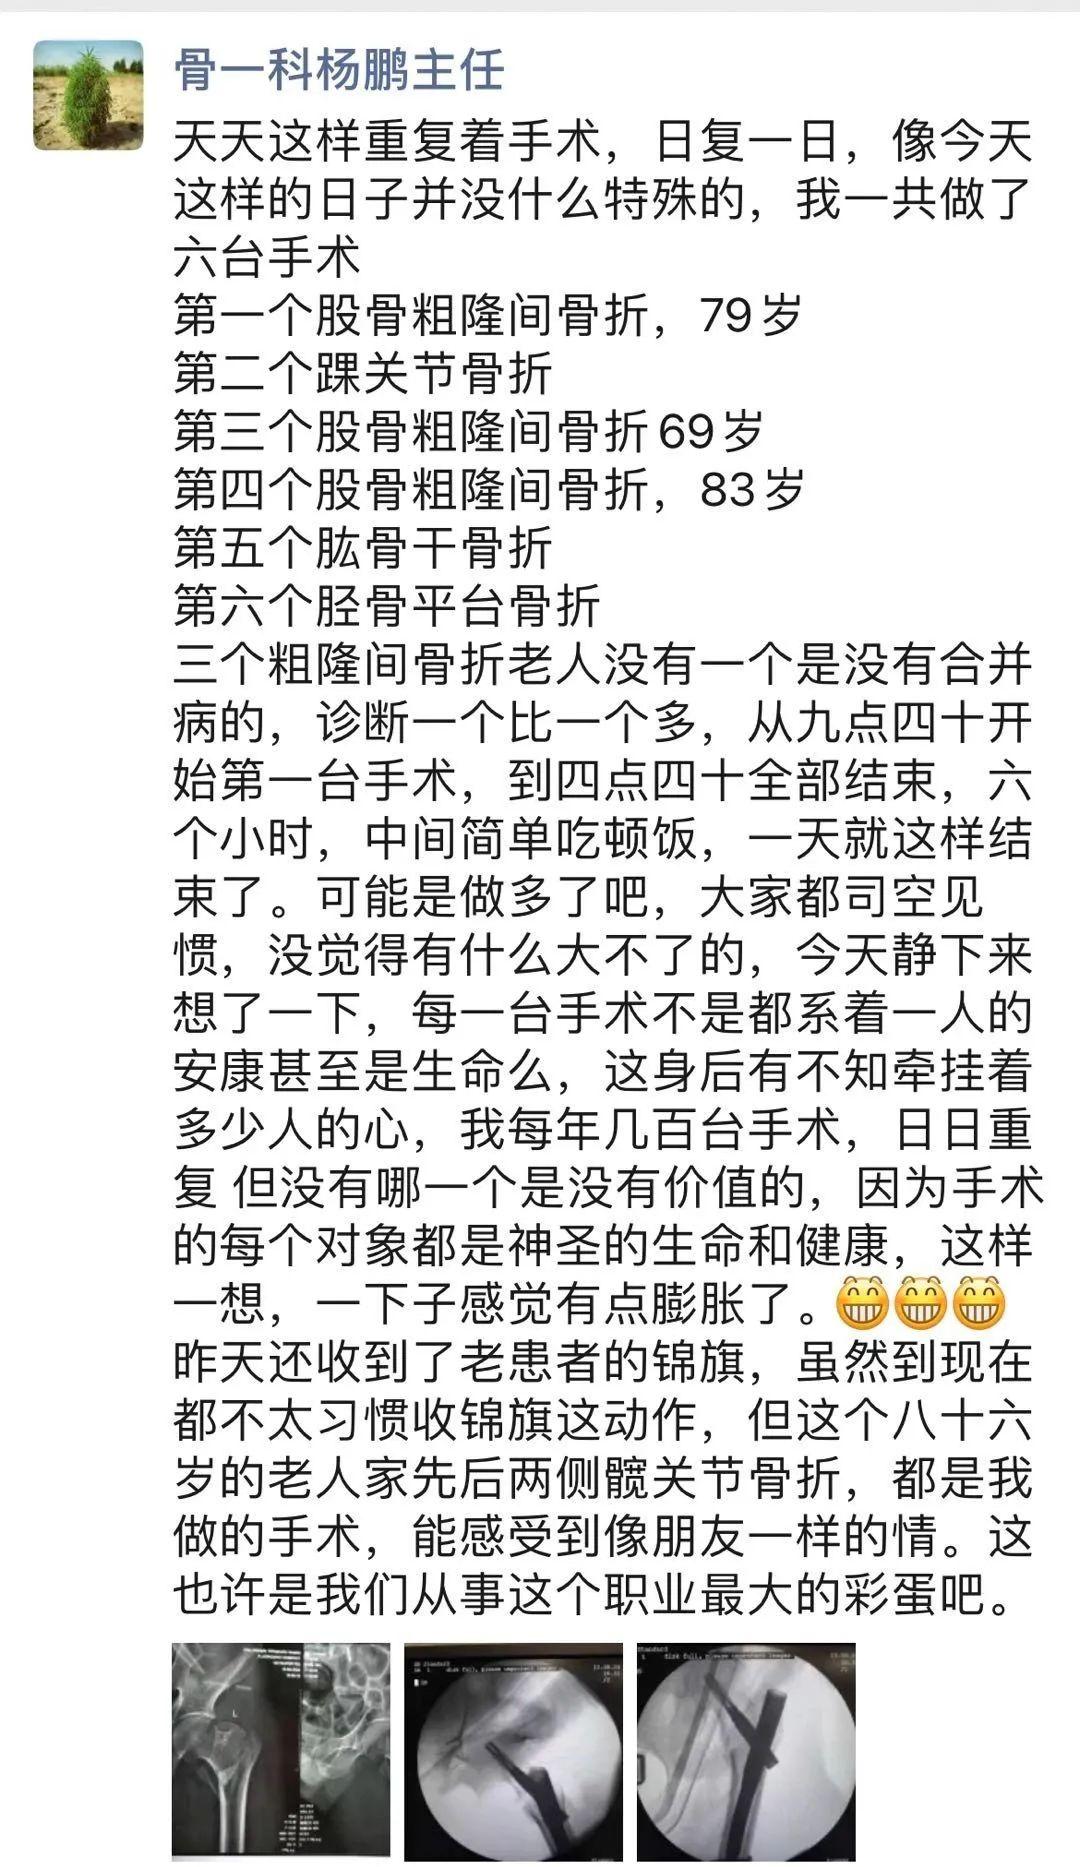 「纸上谈兵」的骨科匠人——西安高新医院骨科一病区主任杨鹏